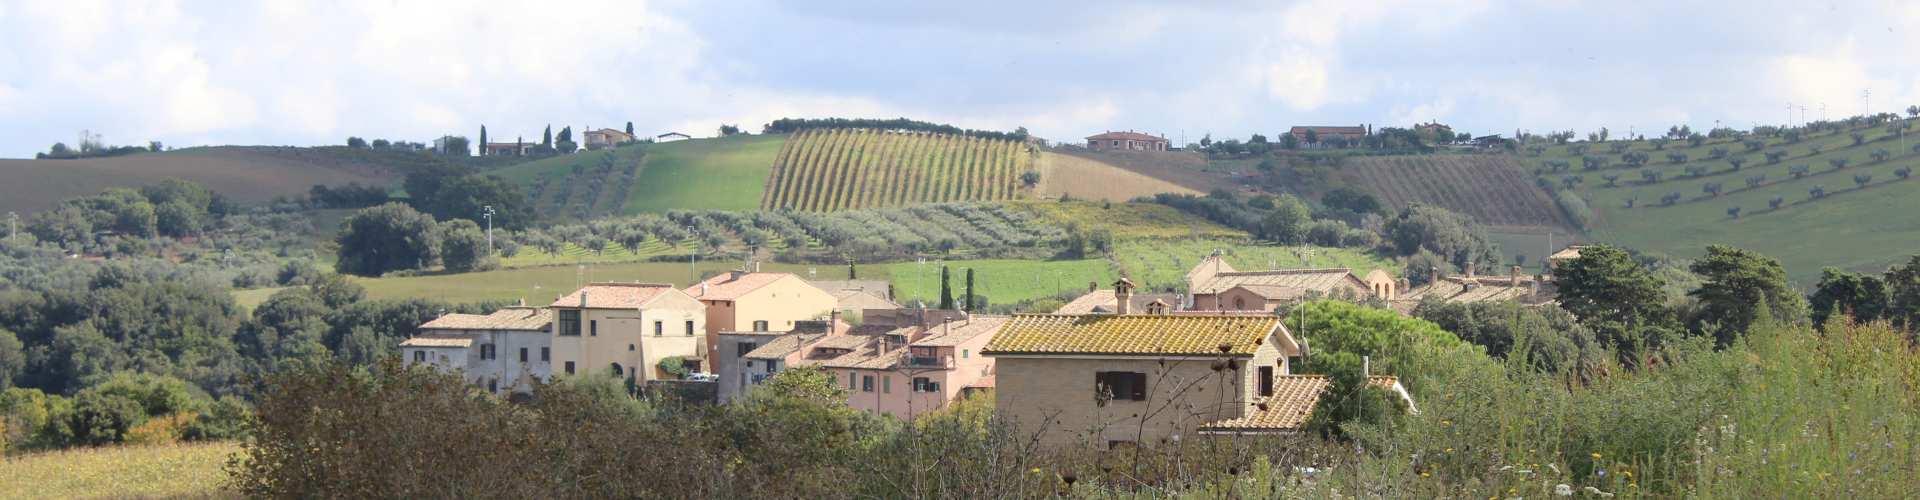 Contatti - Dove siamo: Agriturismo La Valle di Ceri Via Della Madonnina già Piancerese 30/32 00052 Cerveteri Roma